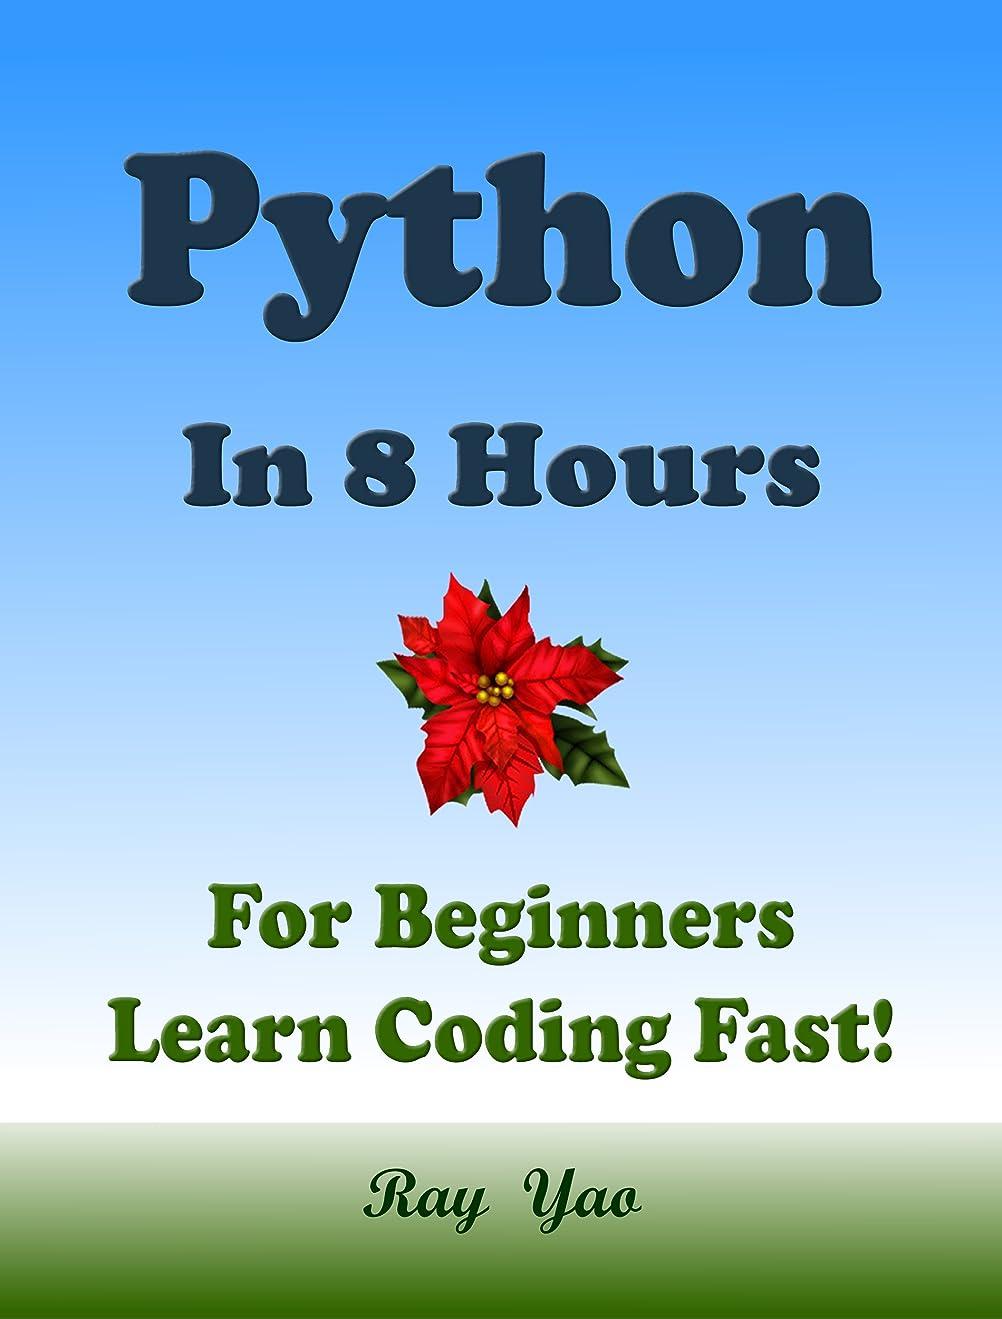 租界たるみマトンPYTHON Programming Language. In 8 Hours, For Beginners, Learn Coding Fast! Python Crash Course, A QuickStart eBook, Tutorial Book with Hands-On Projects, ... Ultimate Beginner's Guide! (English Edition)